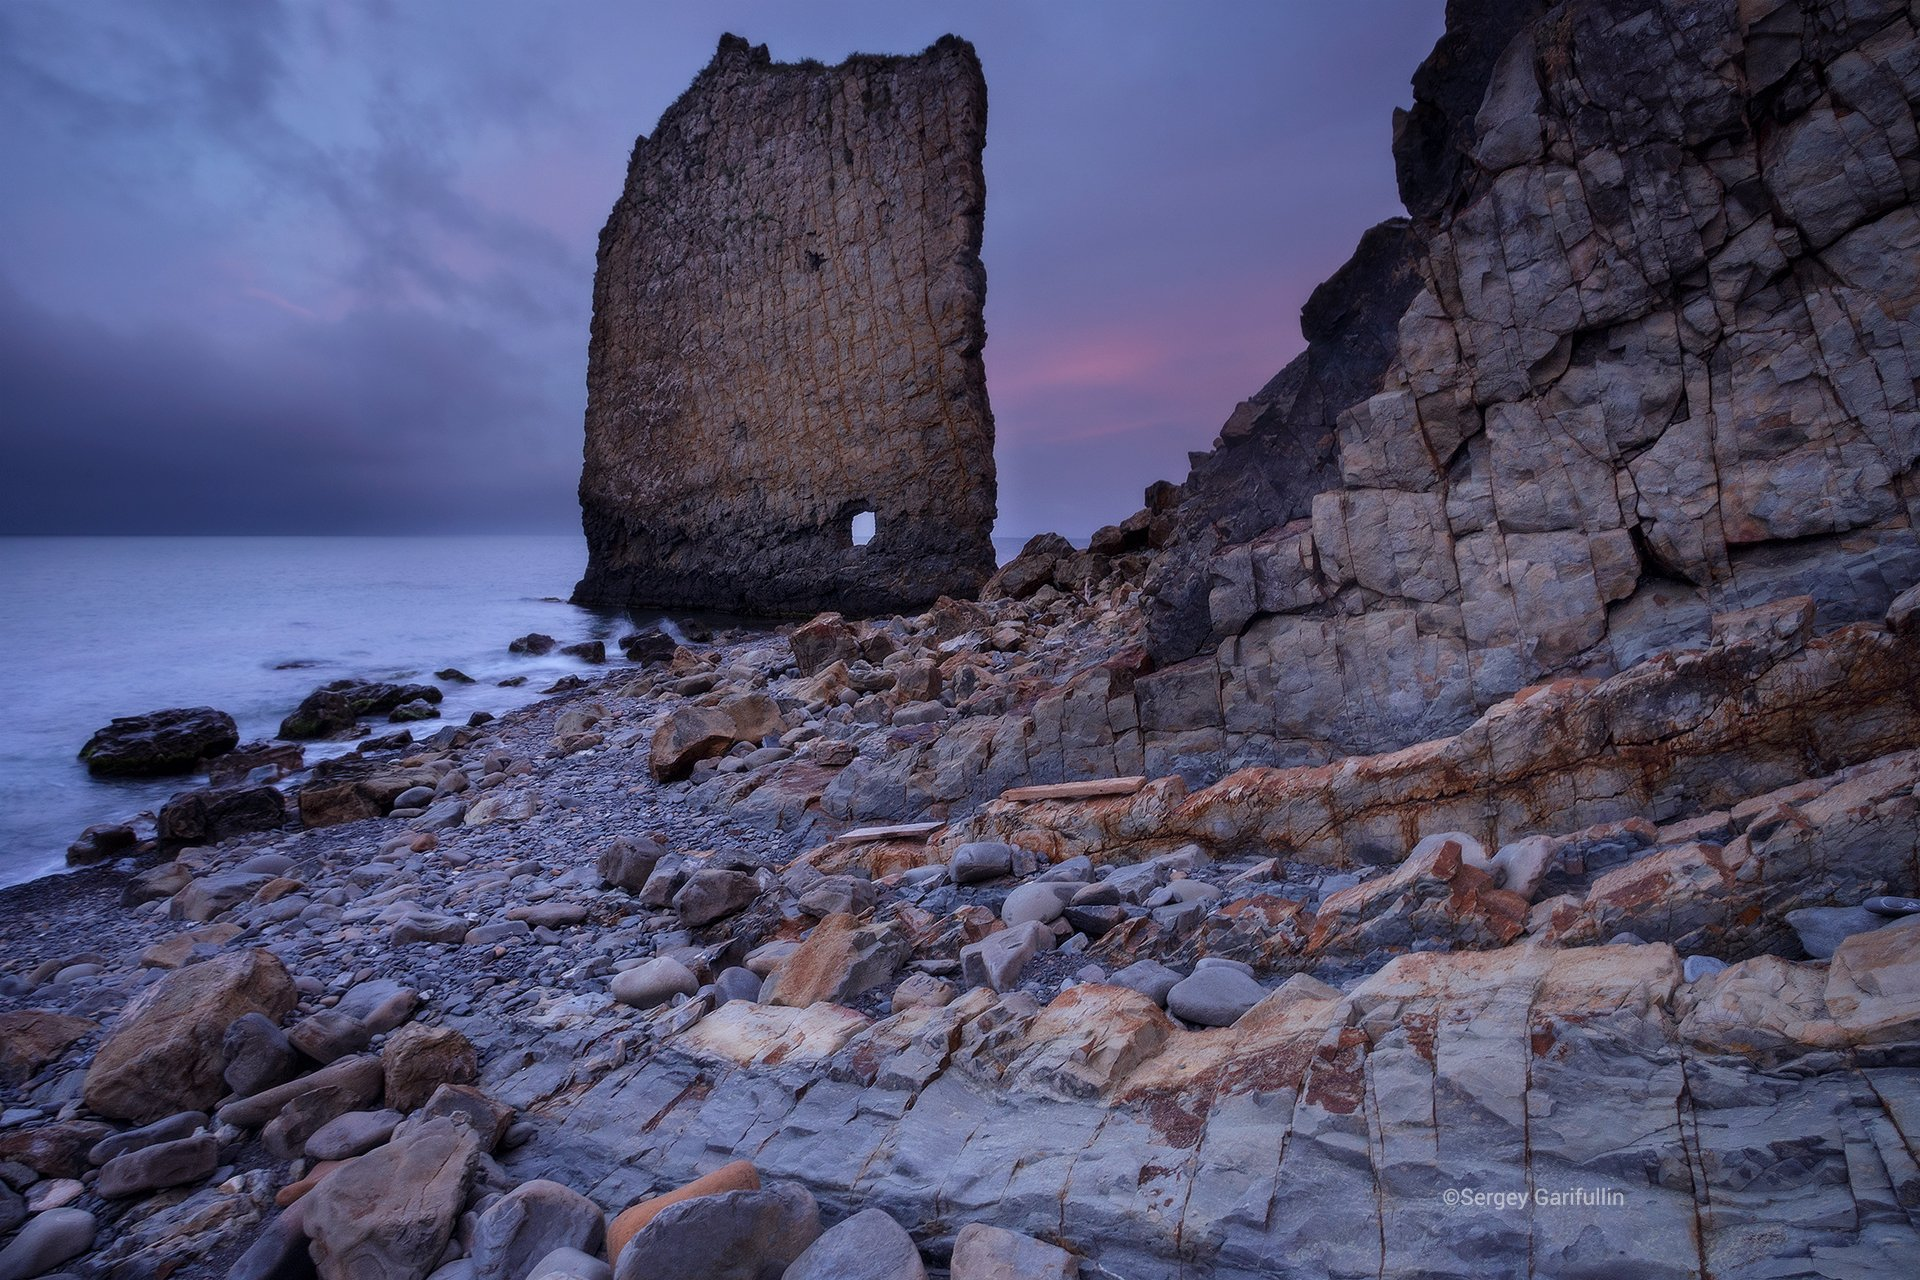 скала парус, краснодарский край, черное море, чёрное море, скала, Сергей Гарифуллин